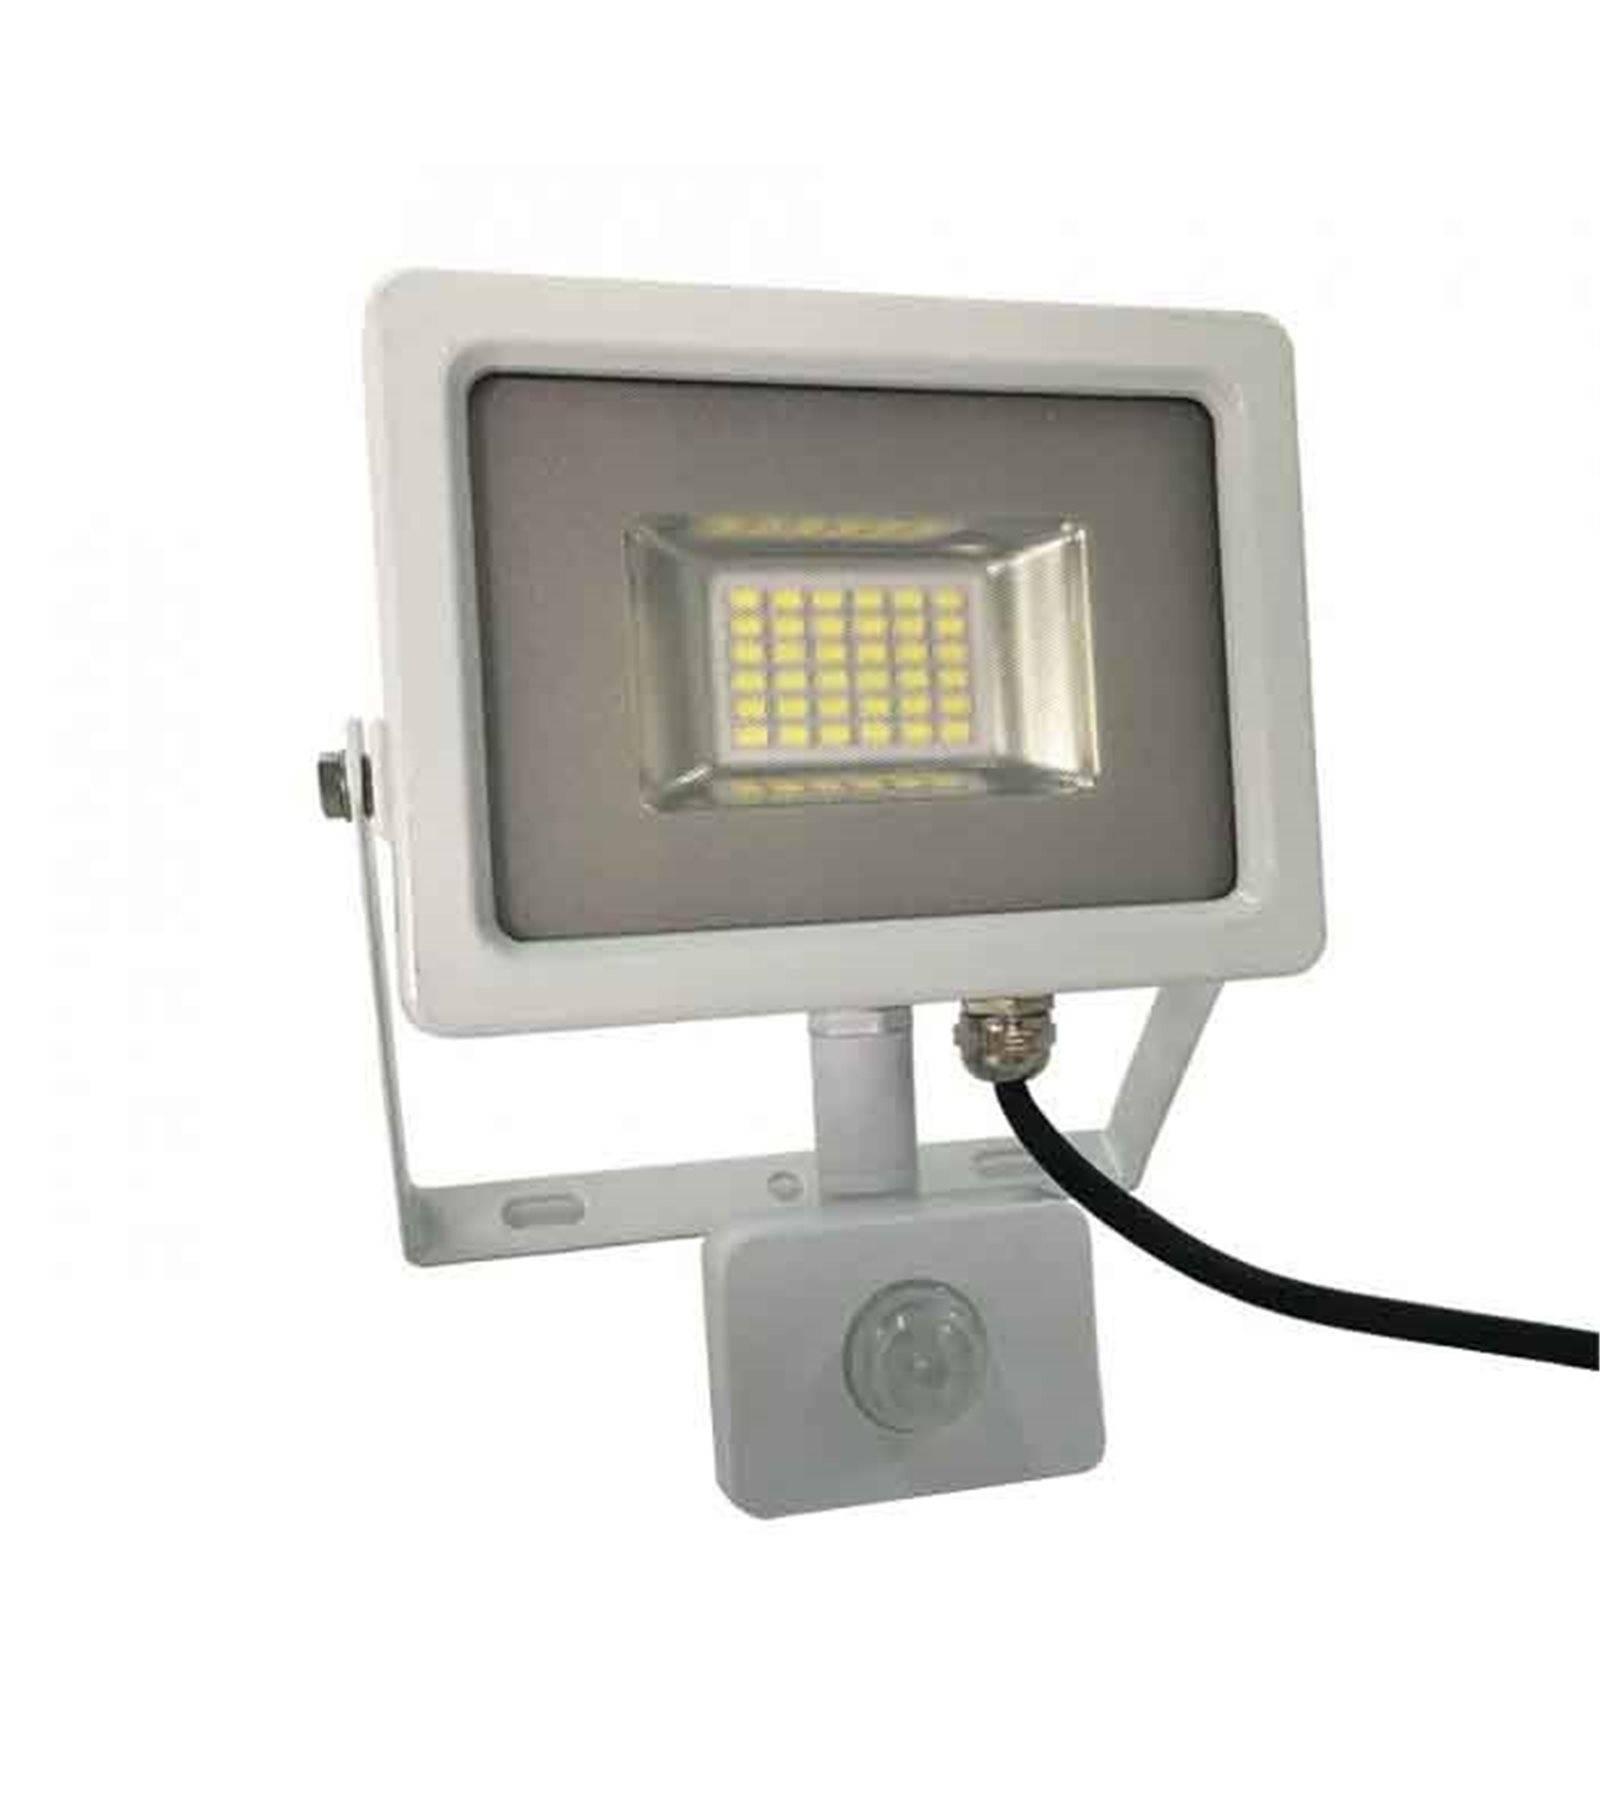 V-TAC Projecteur blanc avec détecteur de mouvement 20W équiv 100W LED SMD intégrées IP65 Blanc Froid extérieur V-TAC - 5750